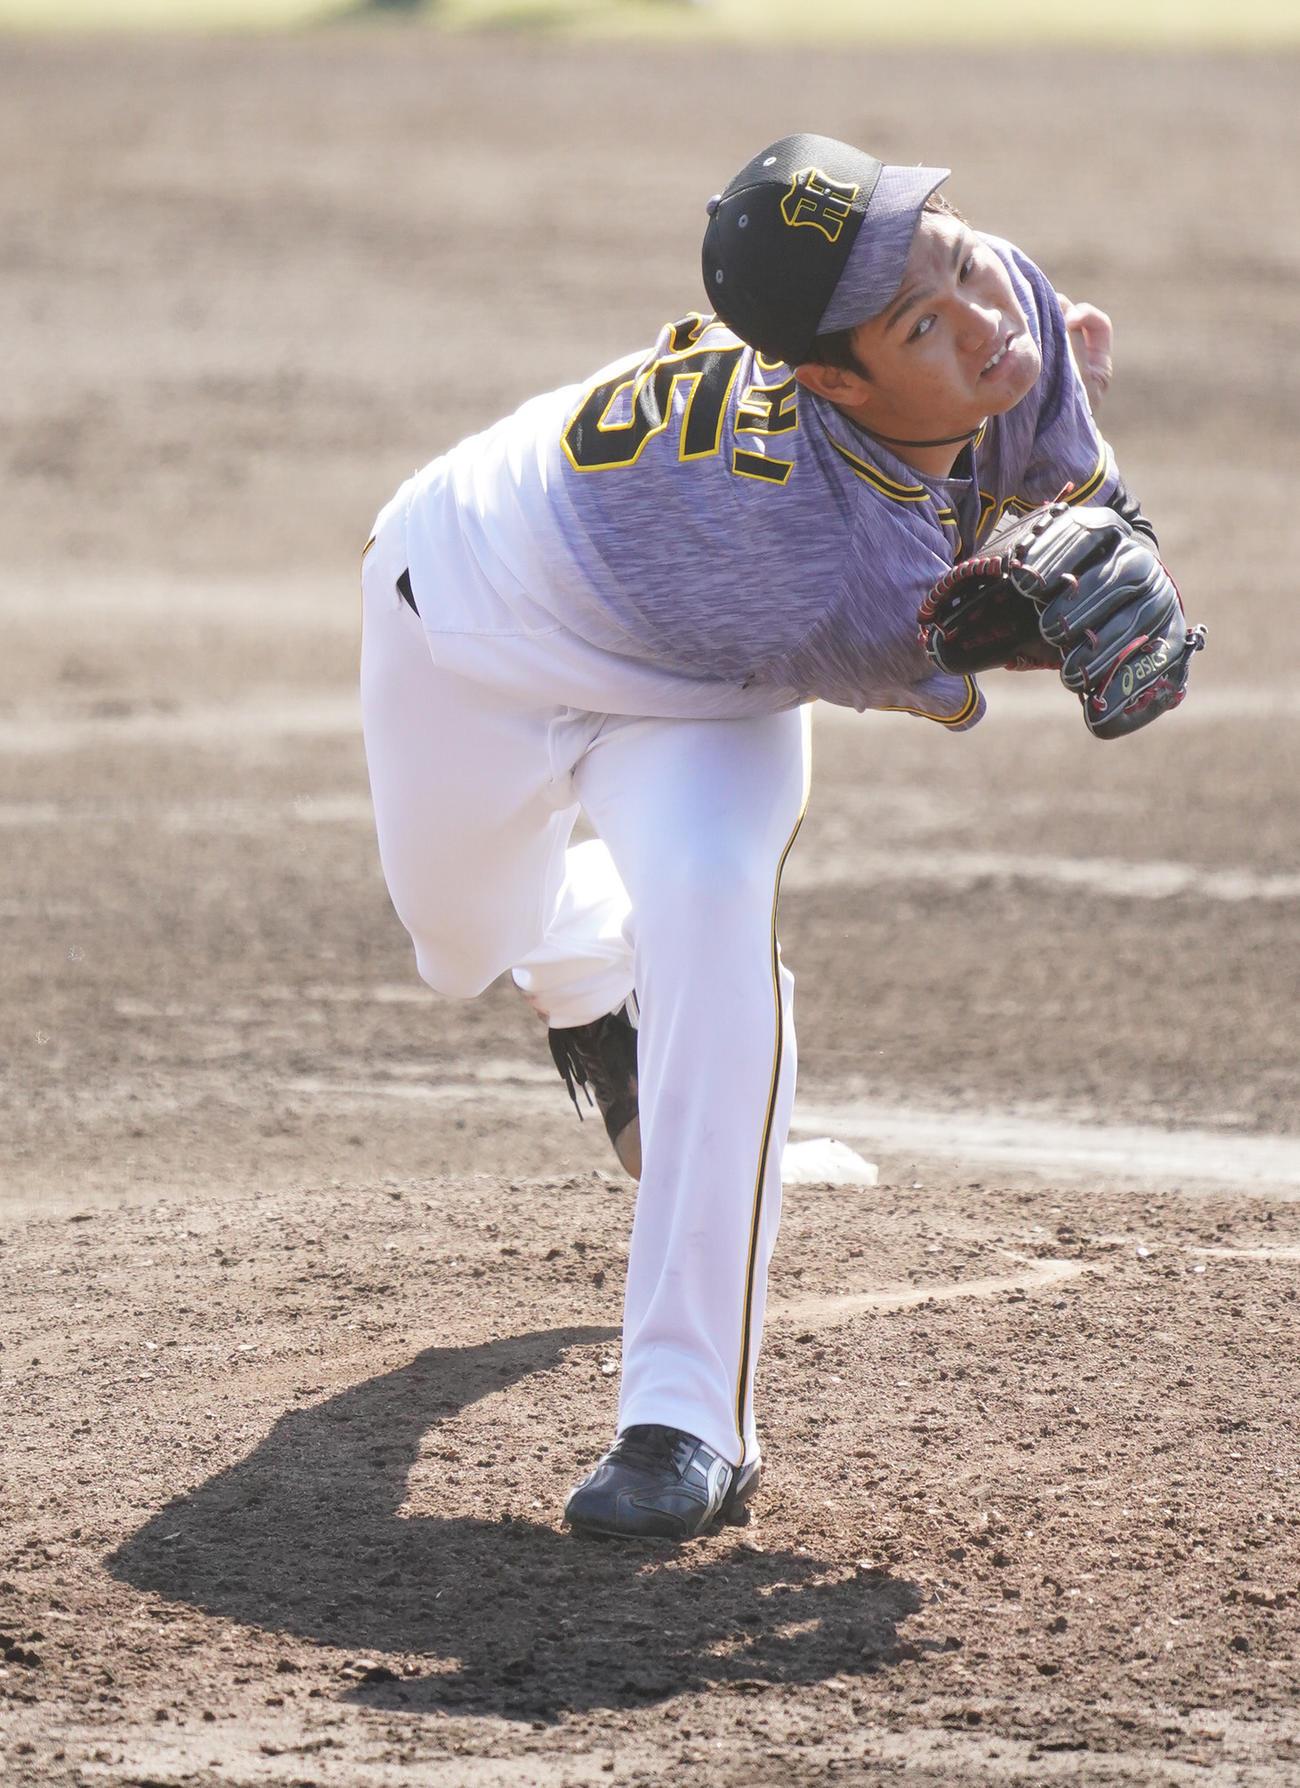 中日対阪神 先発登板した西純は2回以降は立ち直り好投する(撮影・森本幸一)